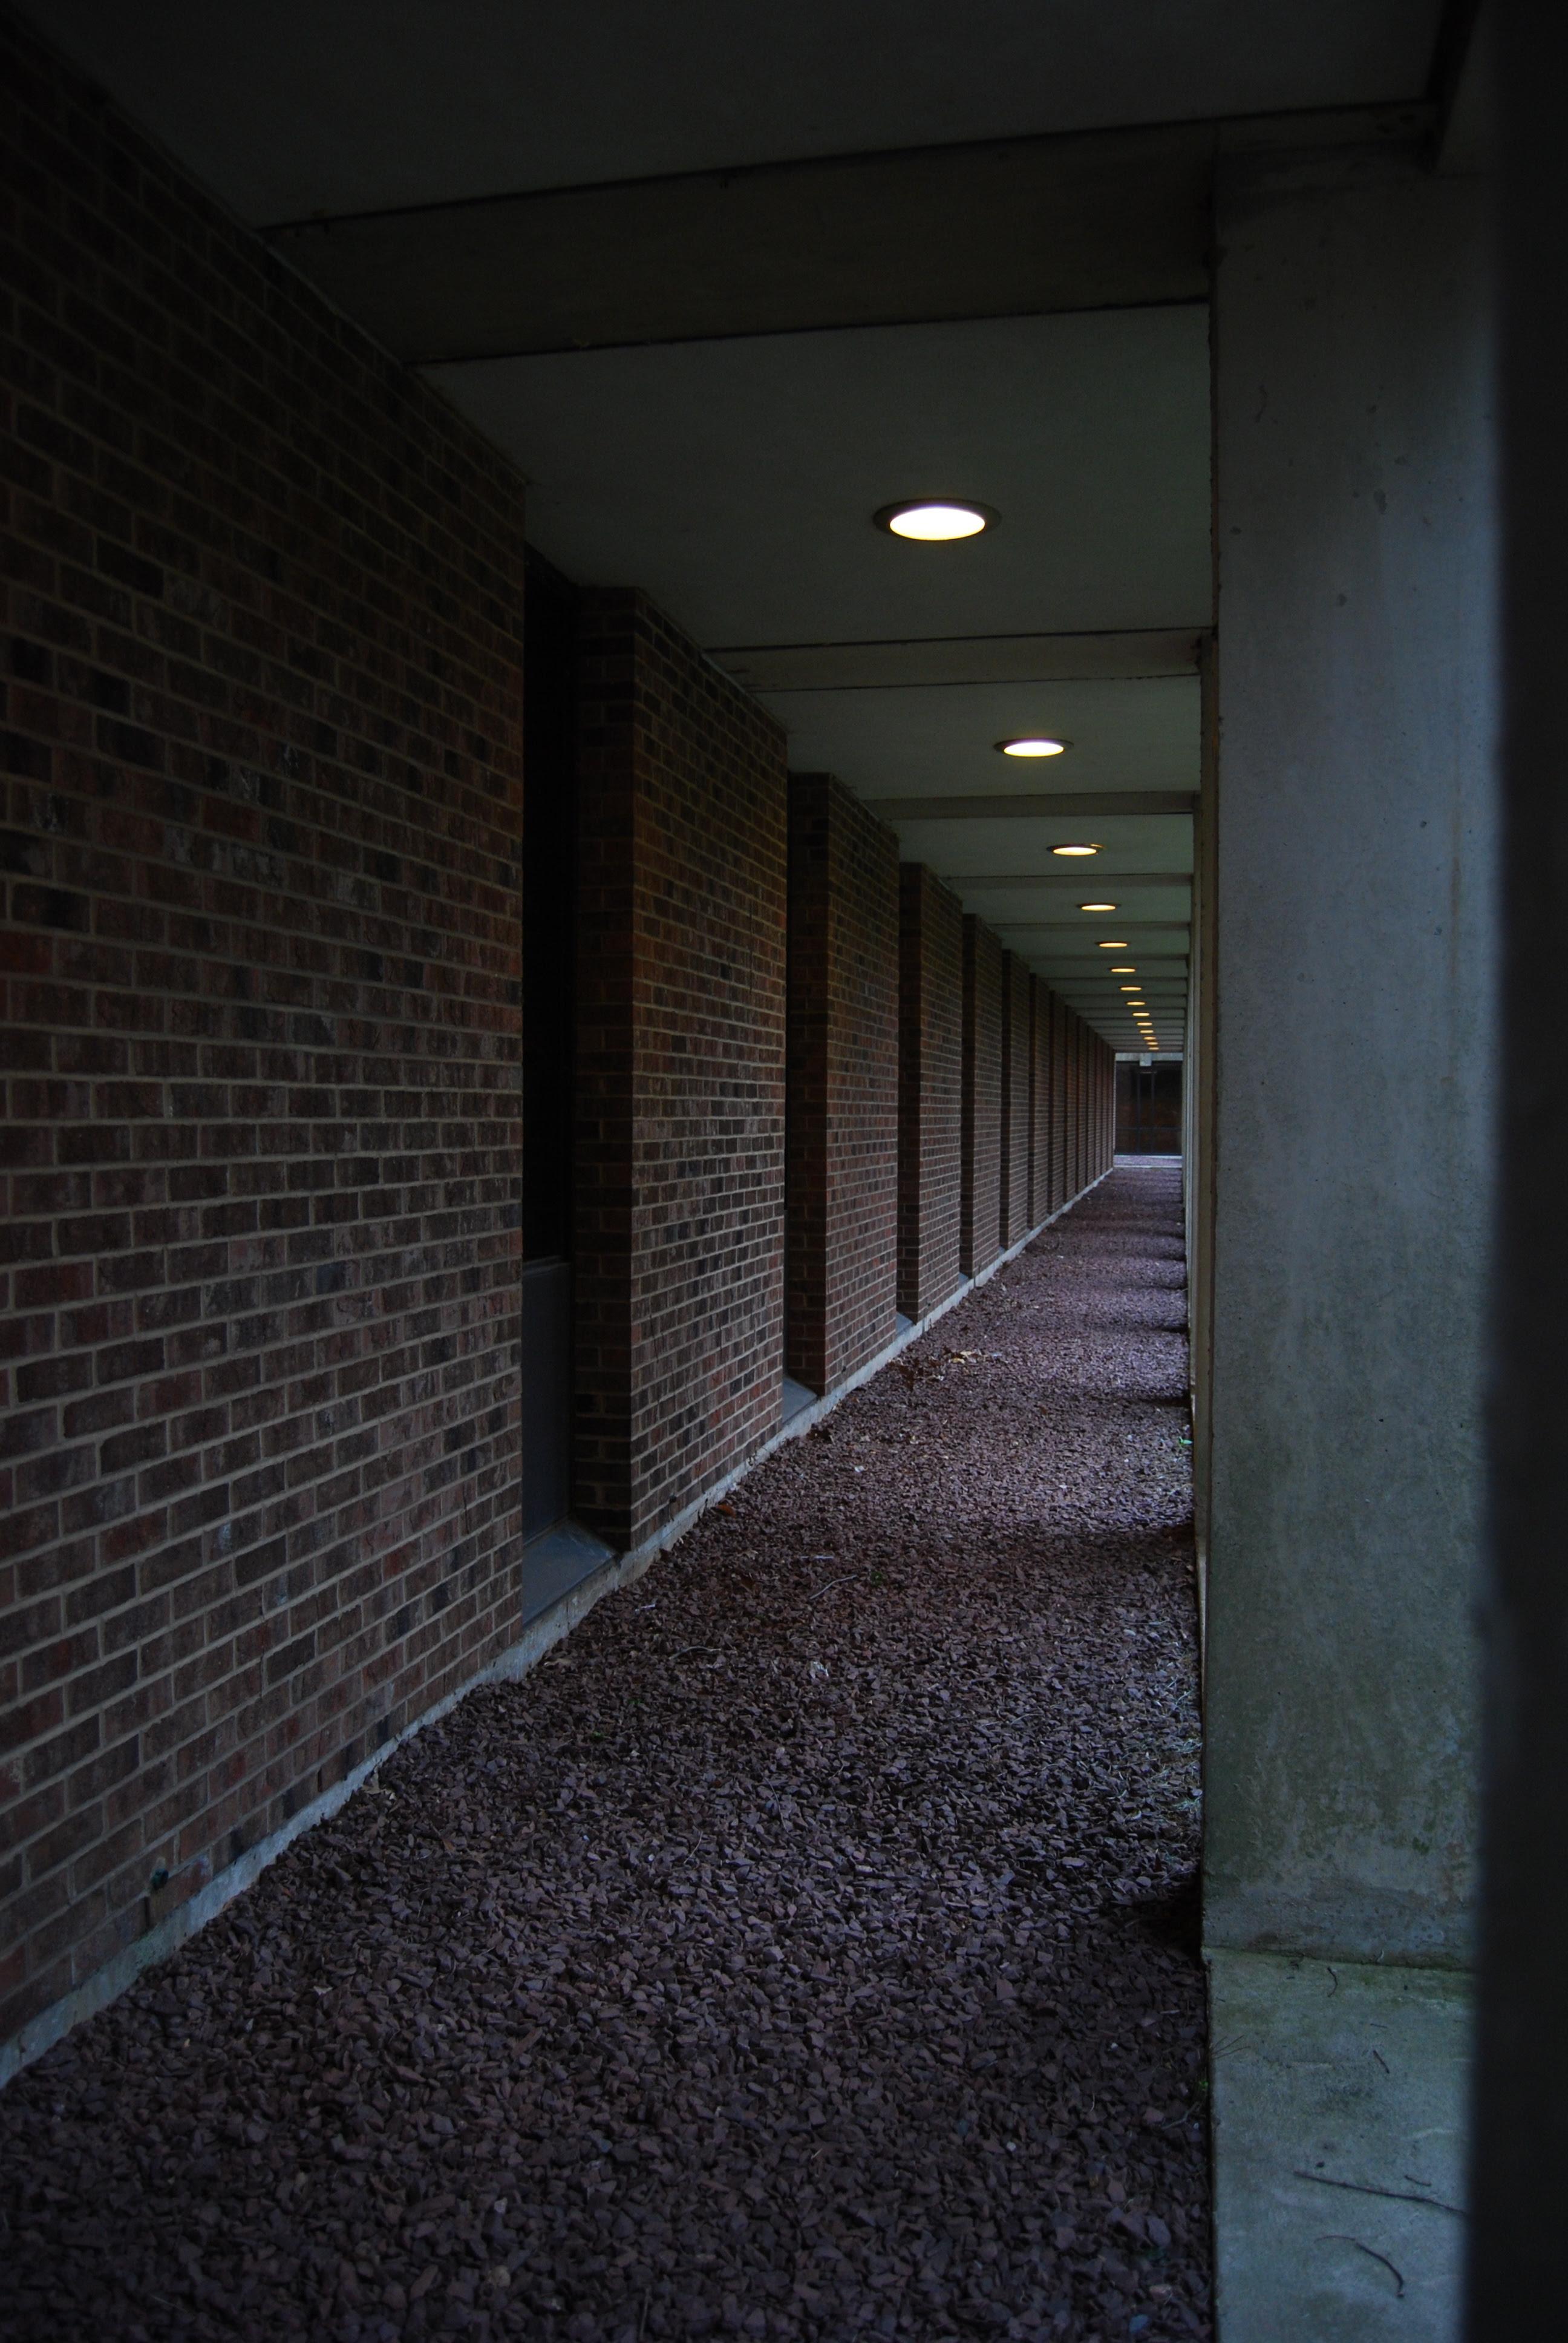 Dark outdoor corridor